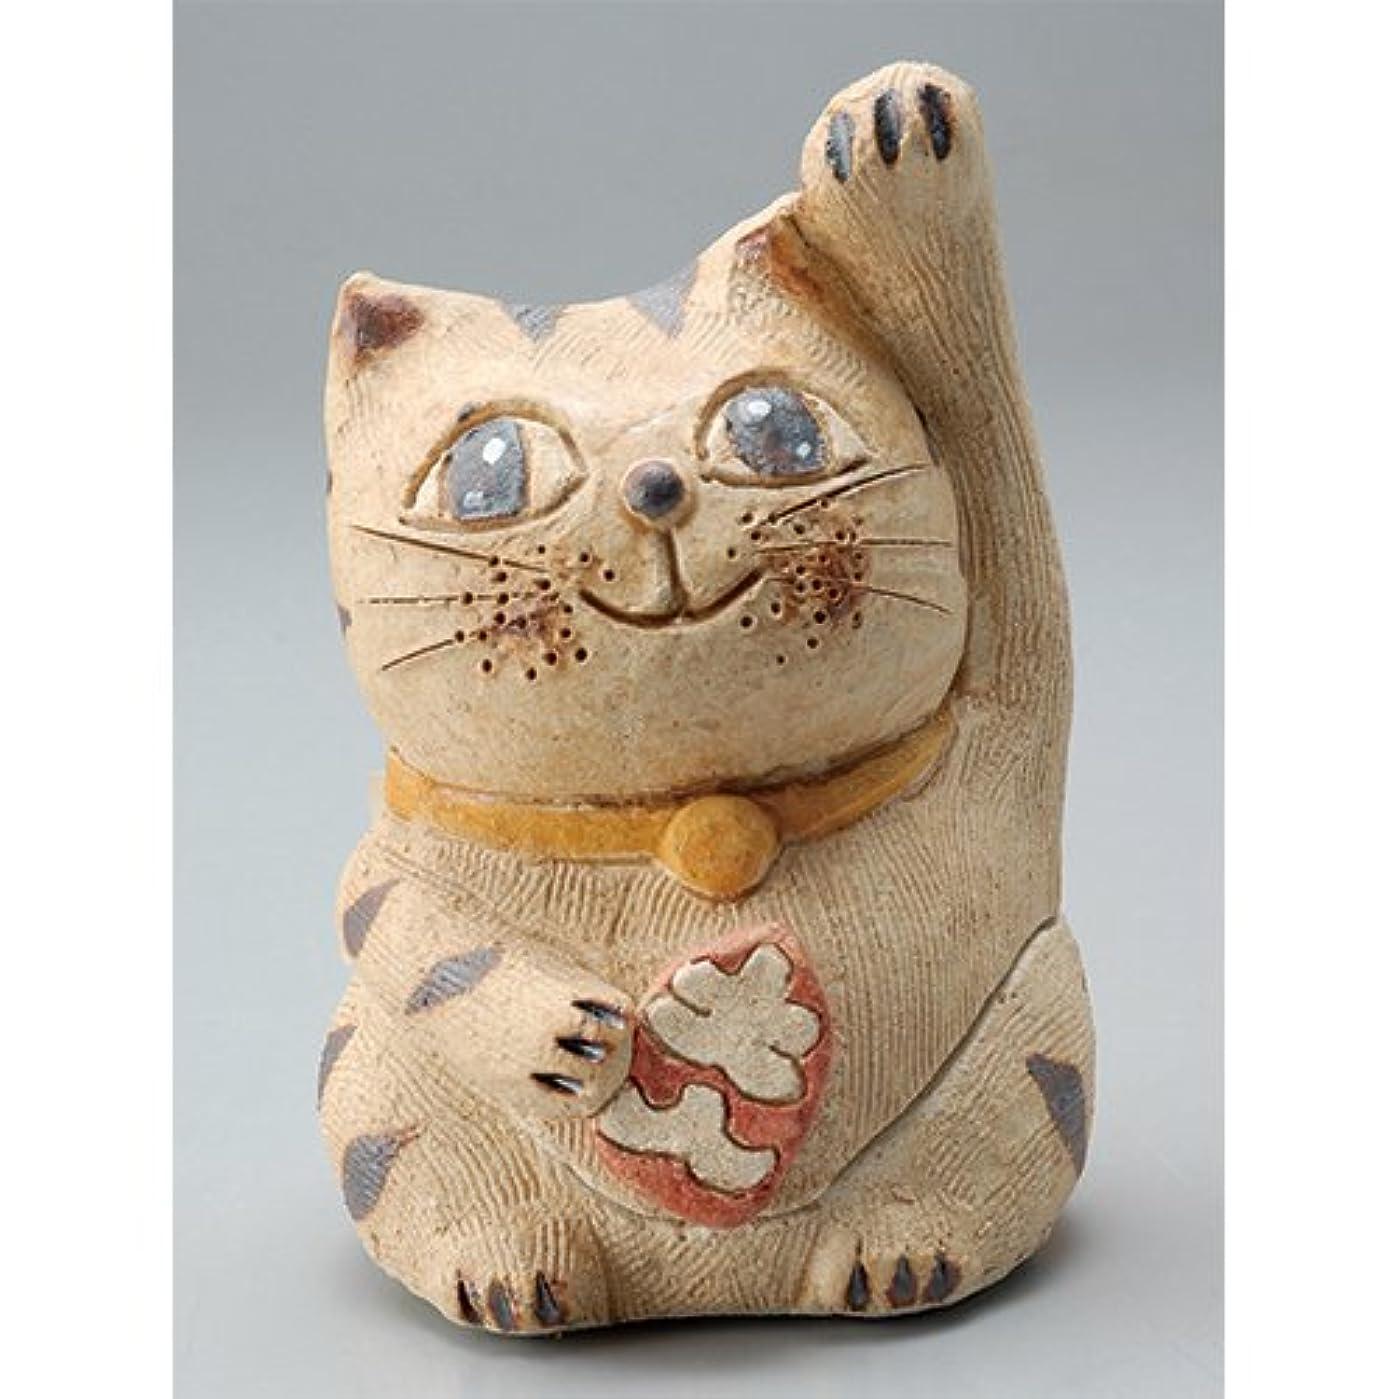 リフレッシュ谷臭い香炉 円な瞳招き猫(人招き)香炉(小) [H8.5cm] HANDMADE プレゼント ギフト 和食器 かわいい インテリア